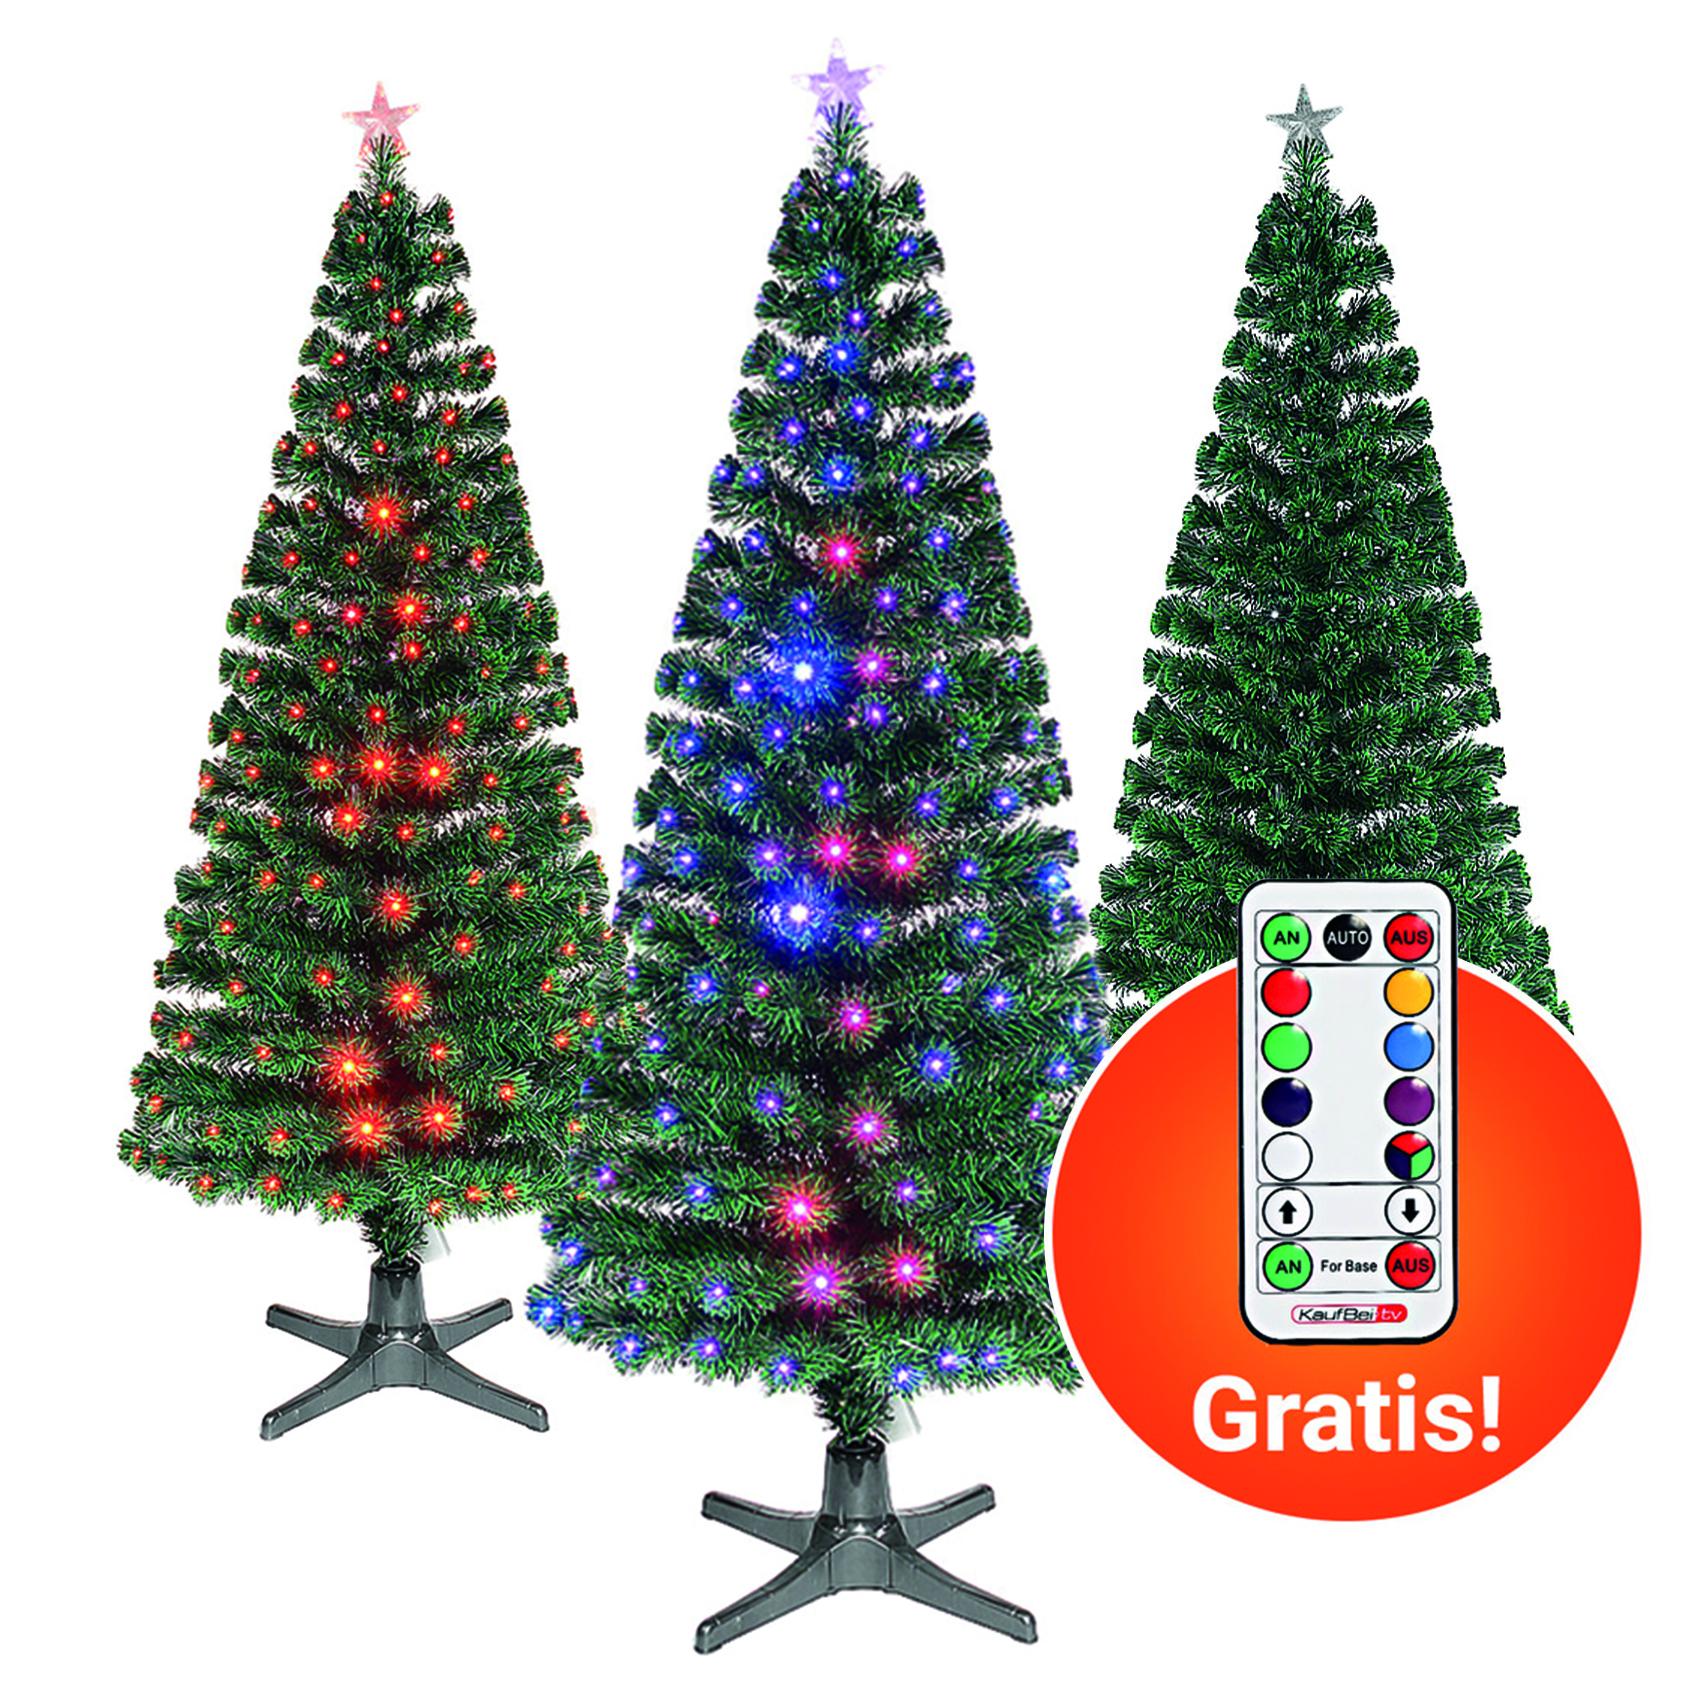 Weihnachtsbaum künstlich 180-210cm - rotierender LED Tannenbaum inkl. Fernbedienung